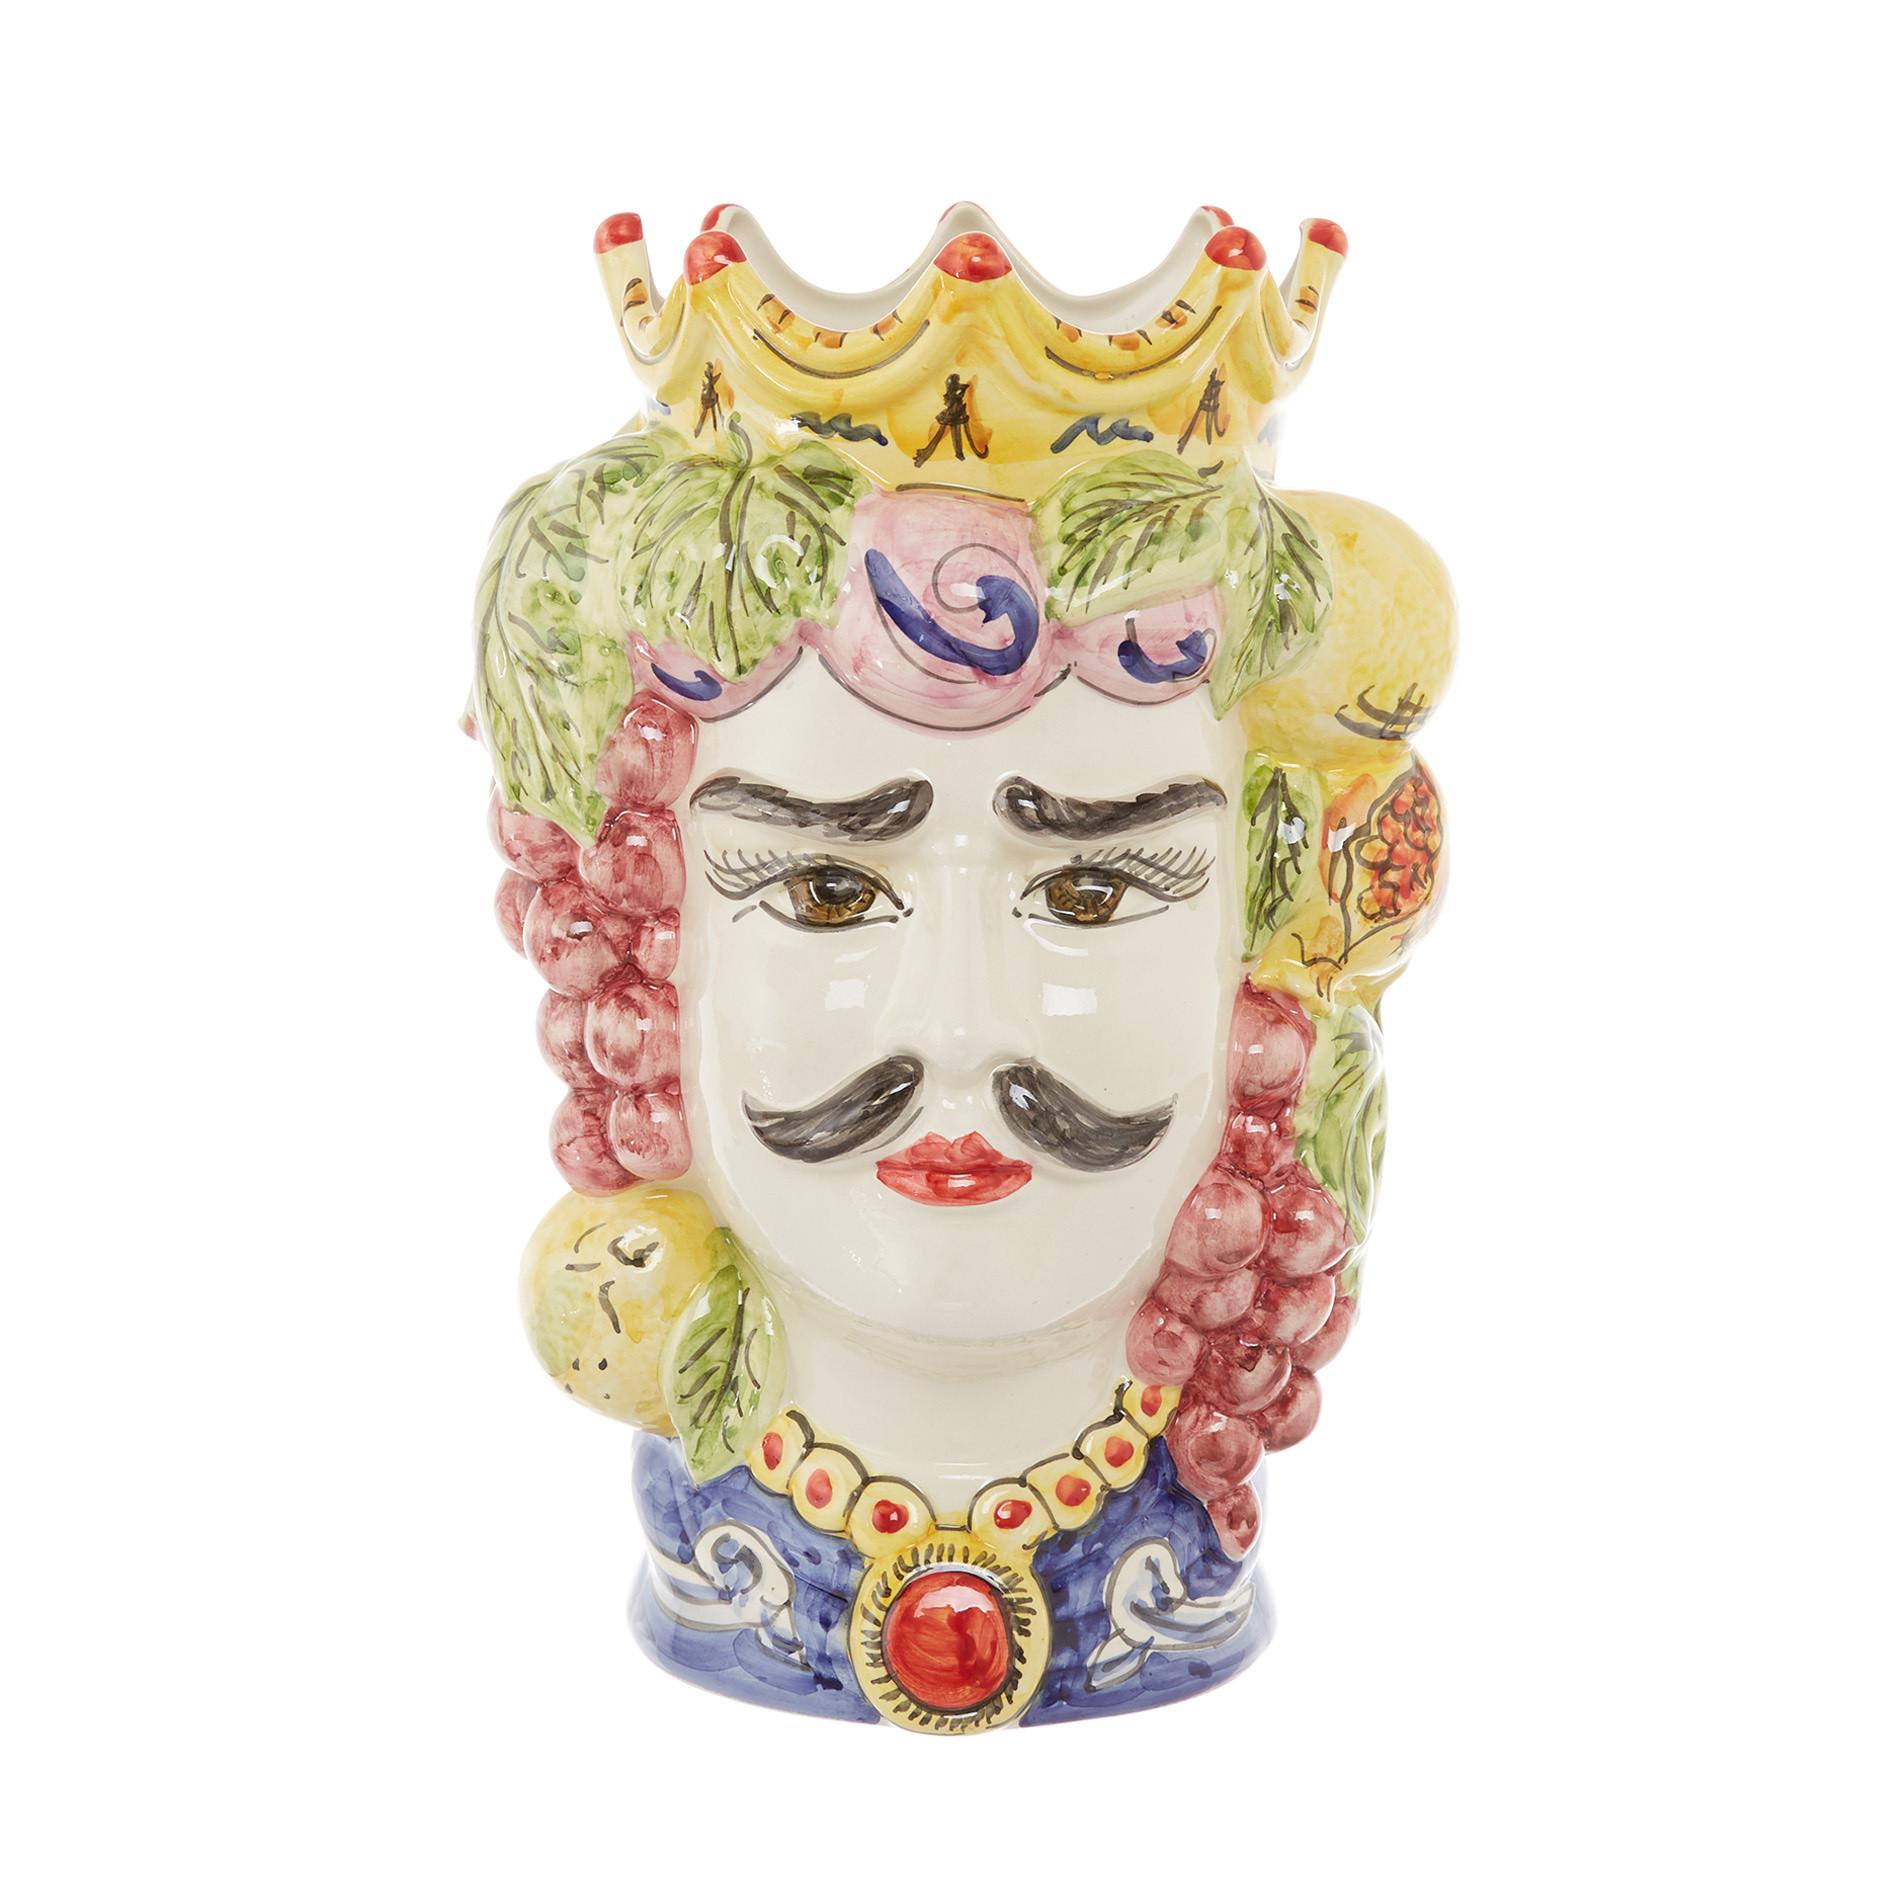 Testa di moro tradizionale by Ceramiche Siciliane Ruggeri, Multicolor, large image number 0